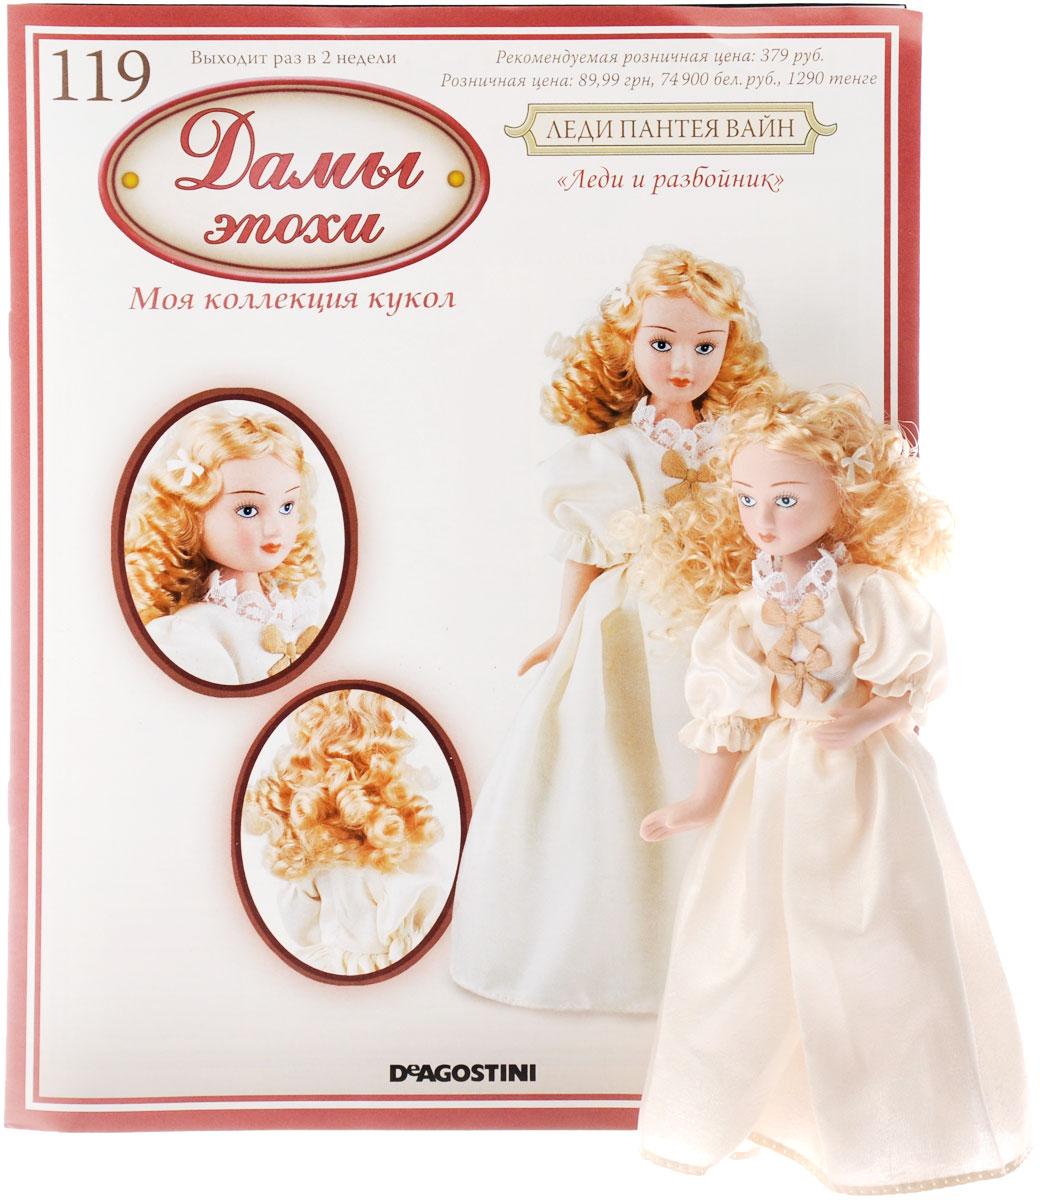 Журнал Дамы эпохи. Моя коллекция кукол №119DAMES119Журнальная серия Дамы эпохи. Моя коллекция кукол будет интересна всем людям, увлекающимся костюмами героинь величайших романов всех времен и народов, коллекционированием кукол. К каждому выпуску прилагается коллекционная фарфоровая кукла, изготовленная по мотивам великих литературных произведений. Каждая кукла представлена в образе героини всемирно известного романа, которая с точностью воссоздает и отражает эпоху, к которой принадлежит. К данному выпуску прилагается кукла ручной работы в образе леди Пантеи Вайн, героини фильма Леди и разбойник. Кукла упакована в коробку. Высота куклы - 19 см. Категория 16+.